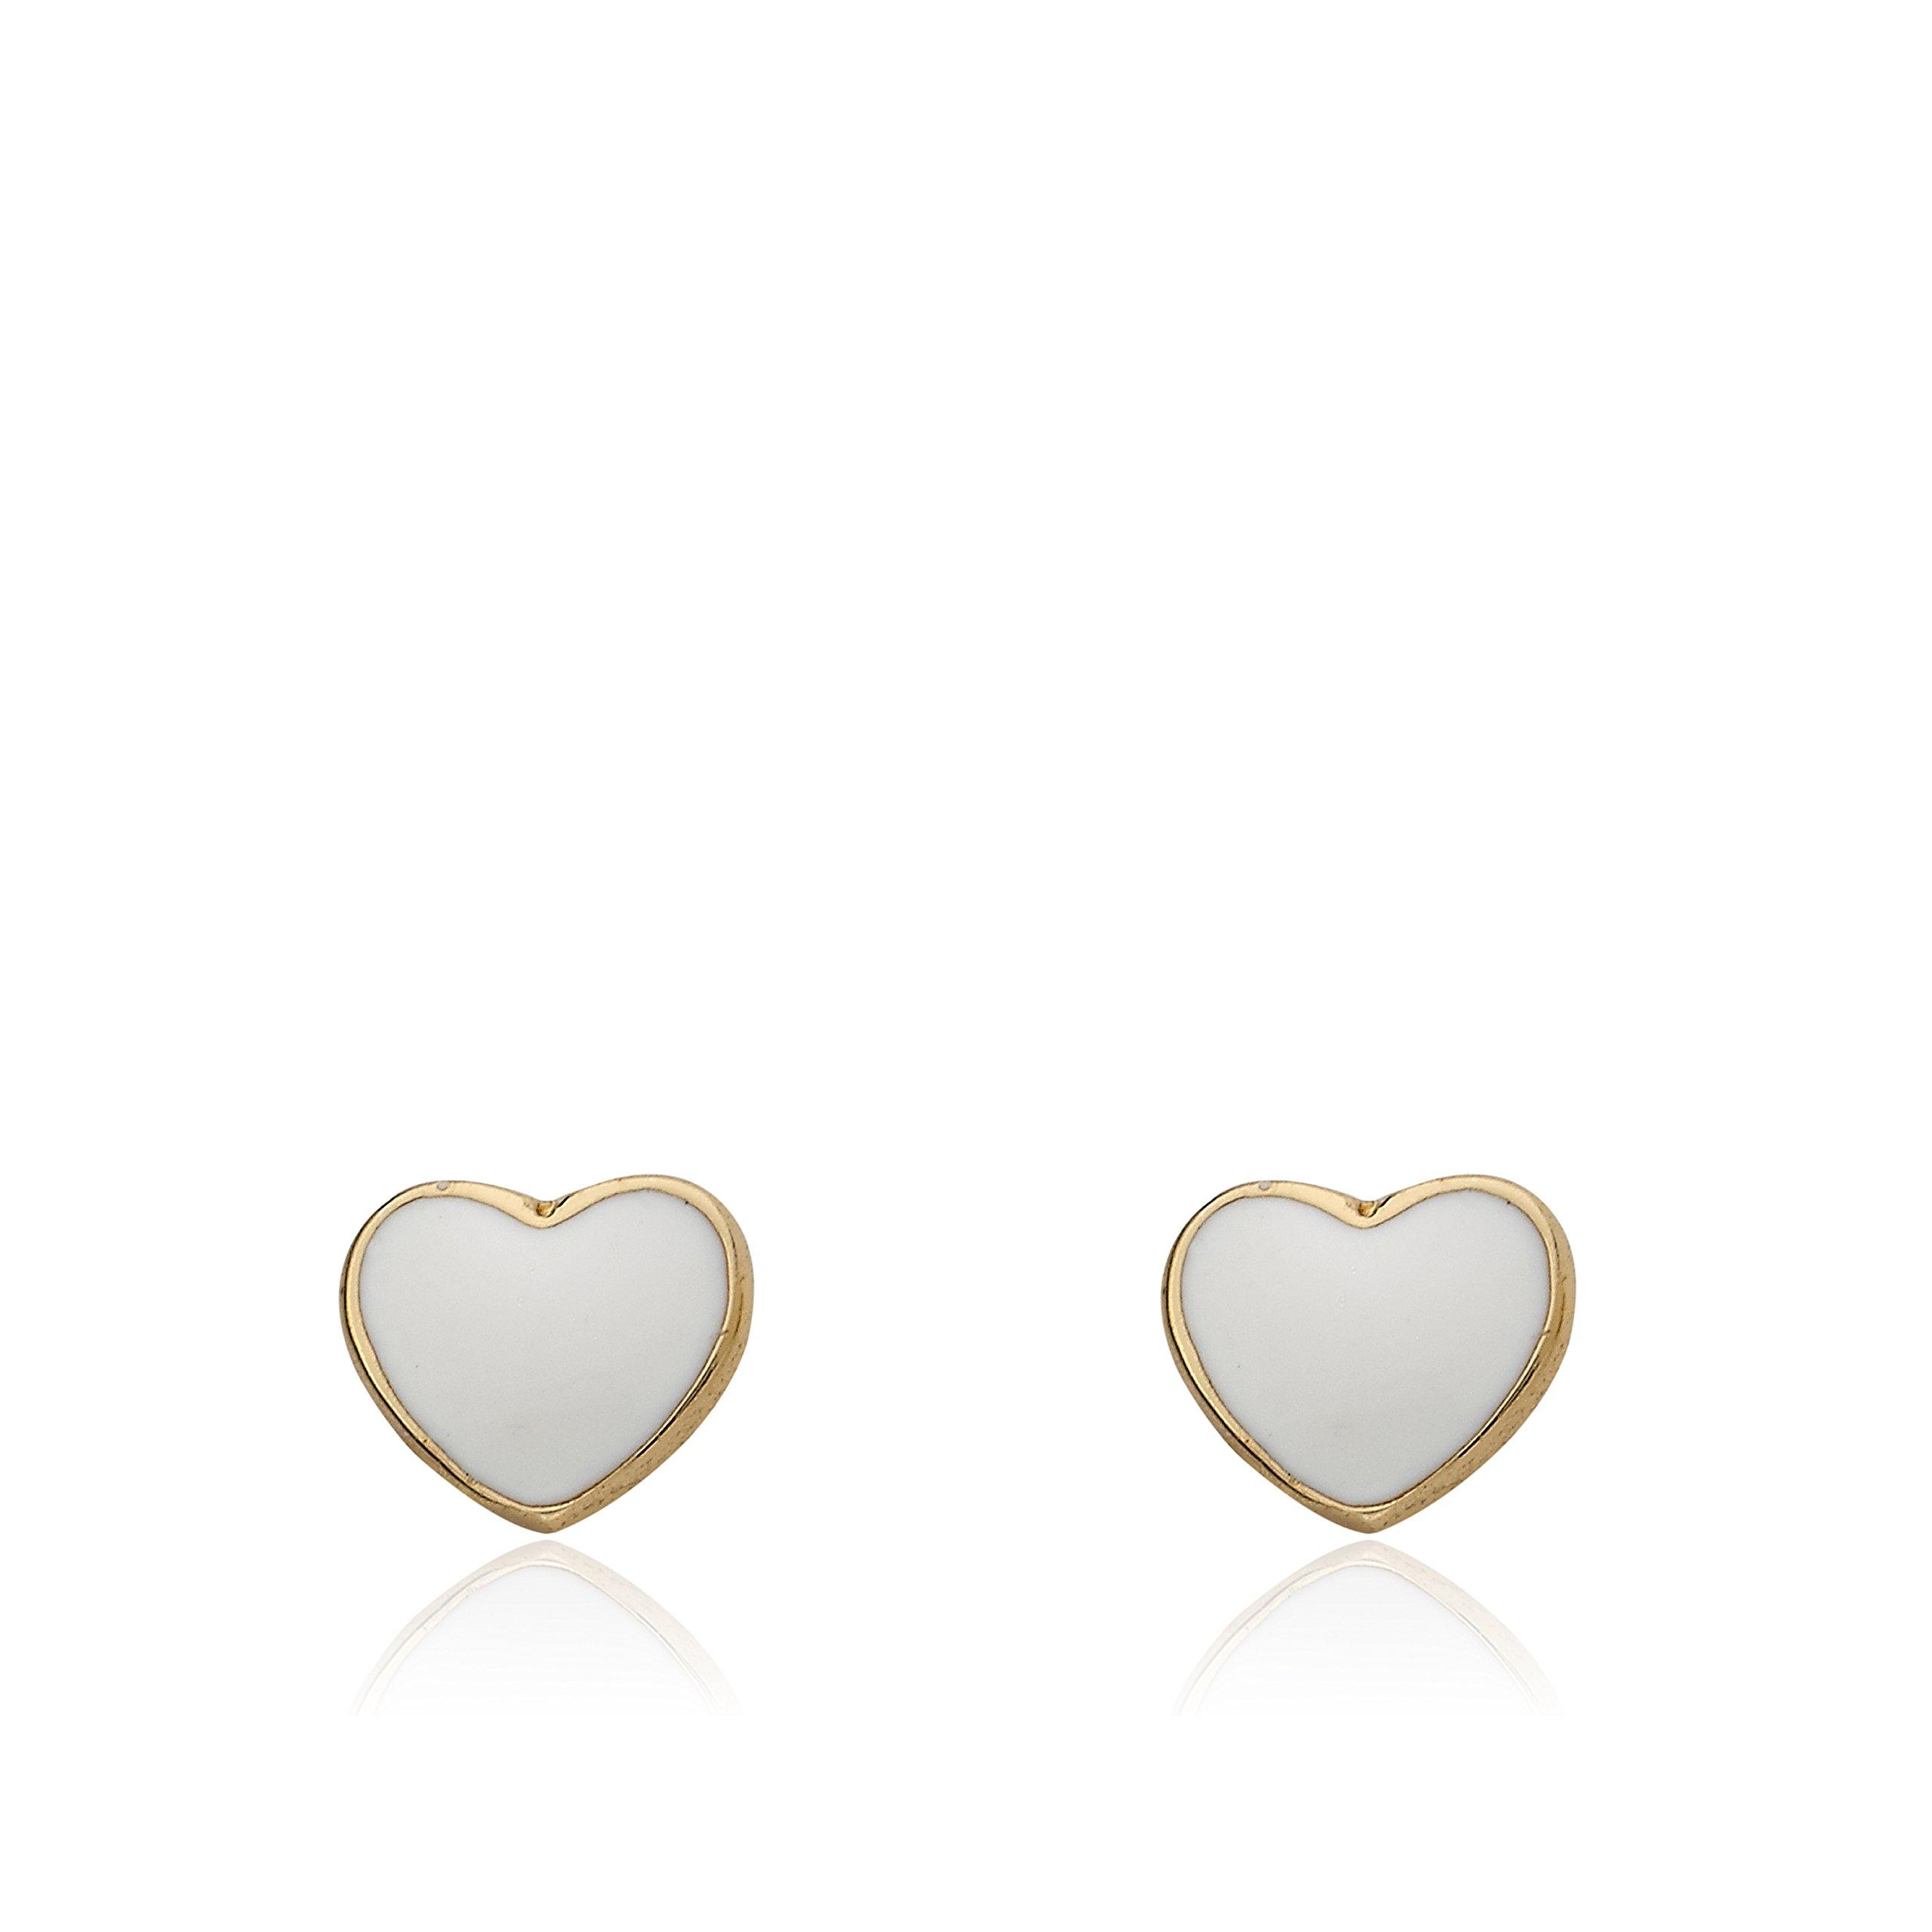 Little Miss Twin Stars I LOVE My Jewels 14k Gold-Plated White Enamel Heart Stud Earring/